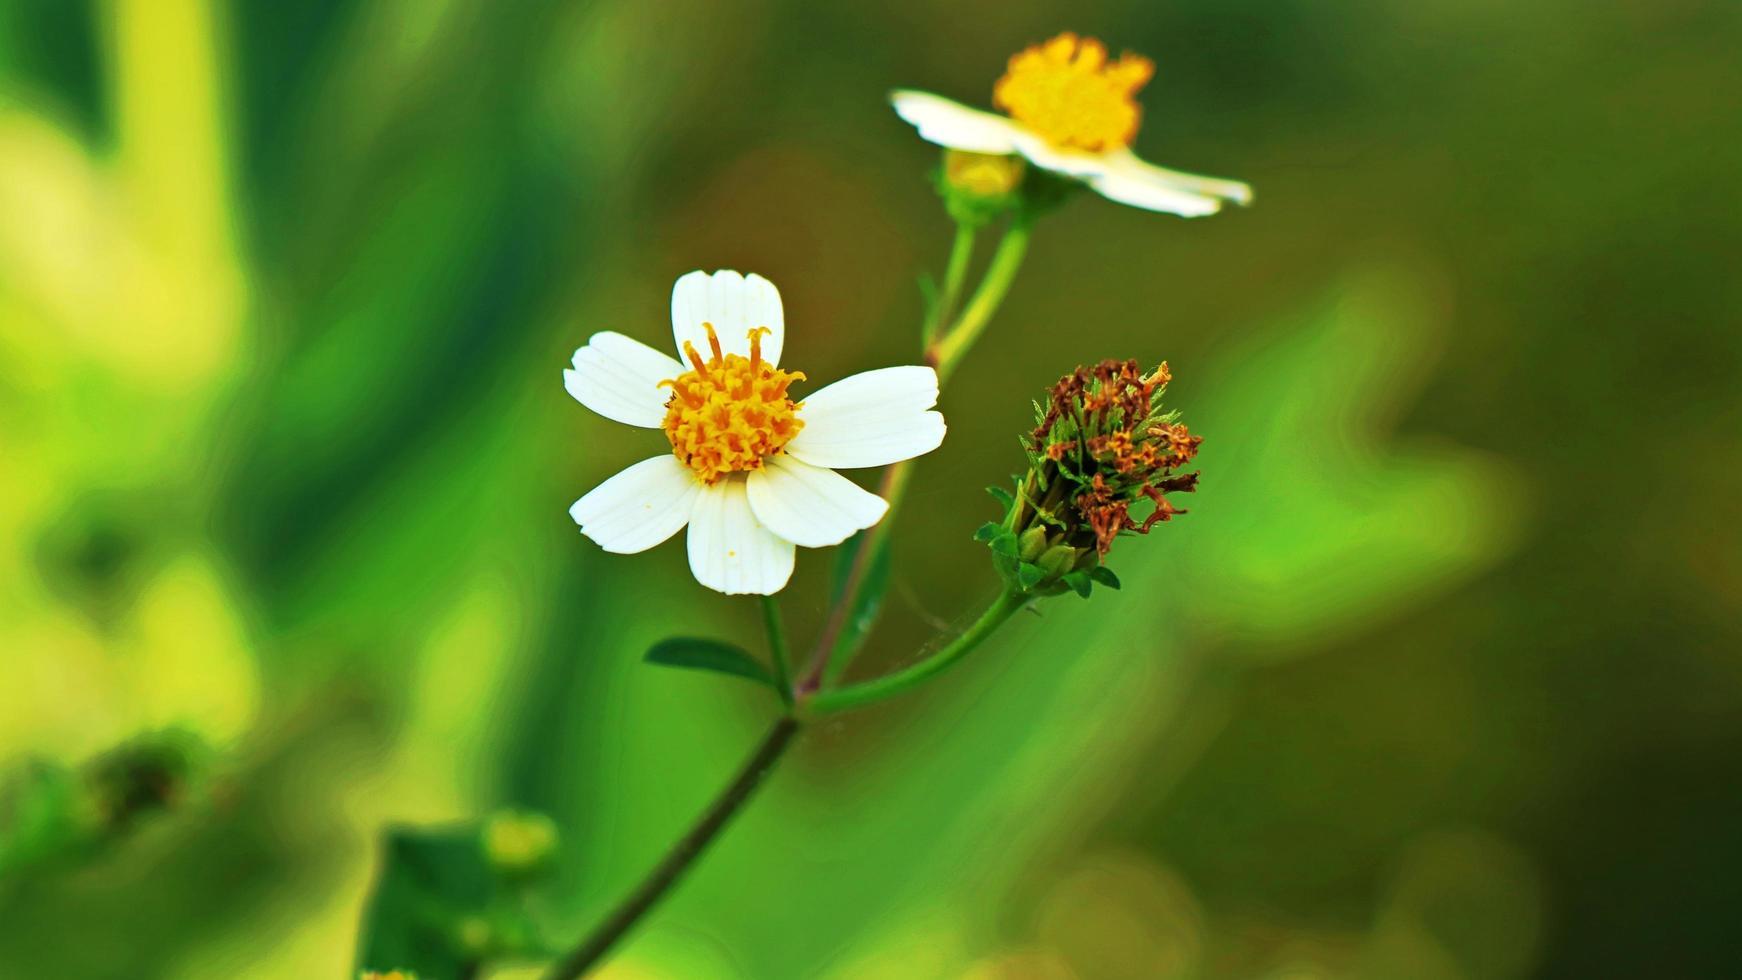 kleine witte bloemen op een groene achtergrond foto